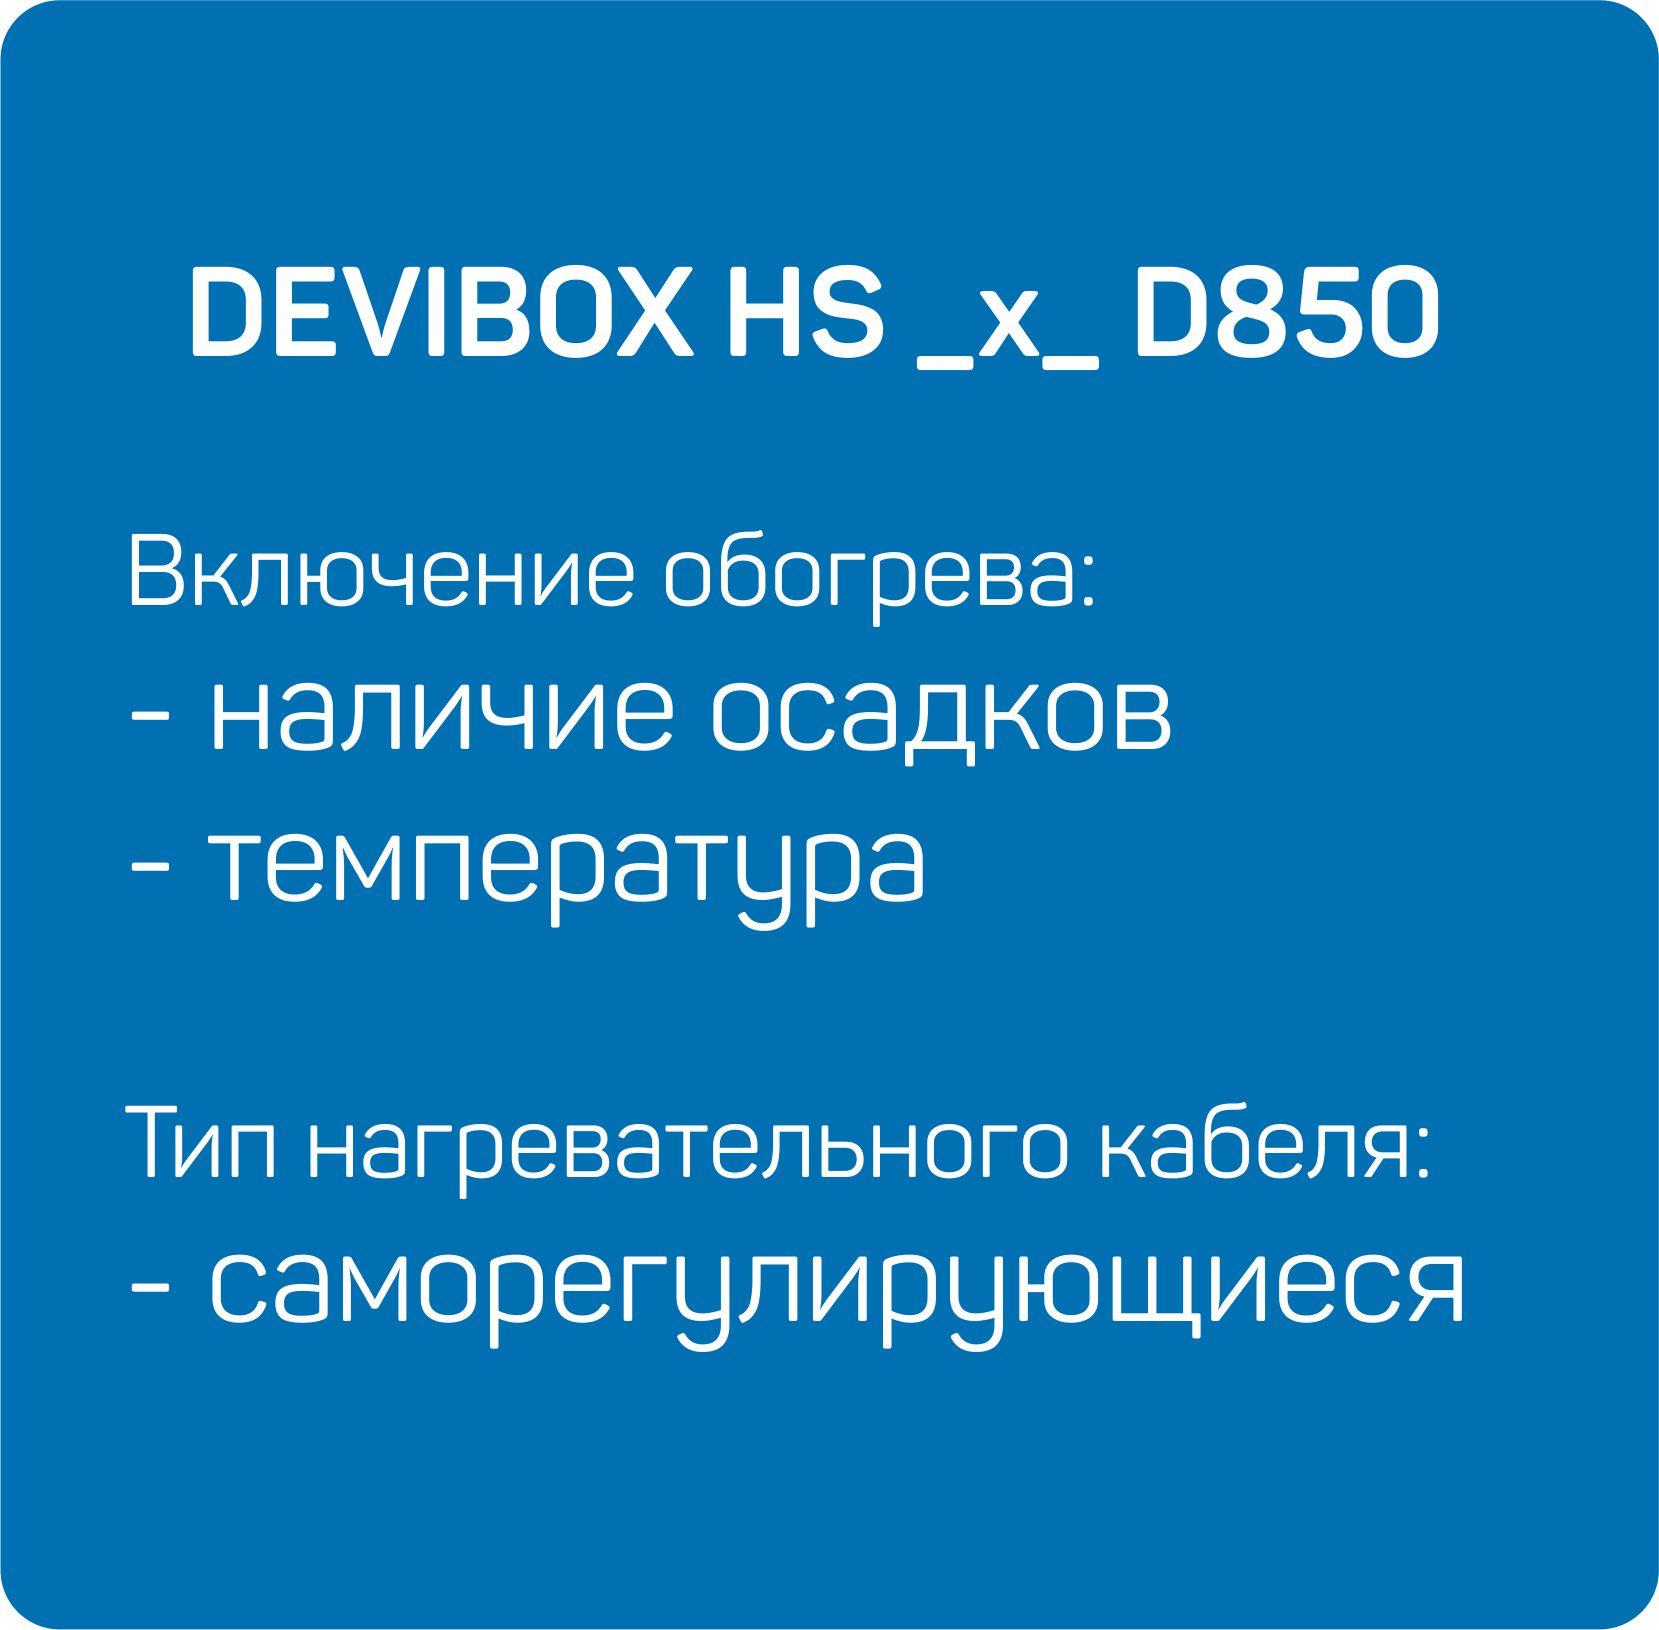 HS _x_ D850